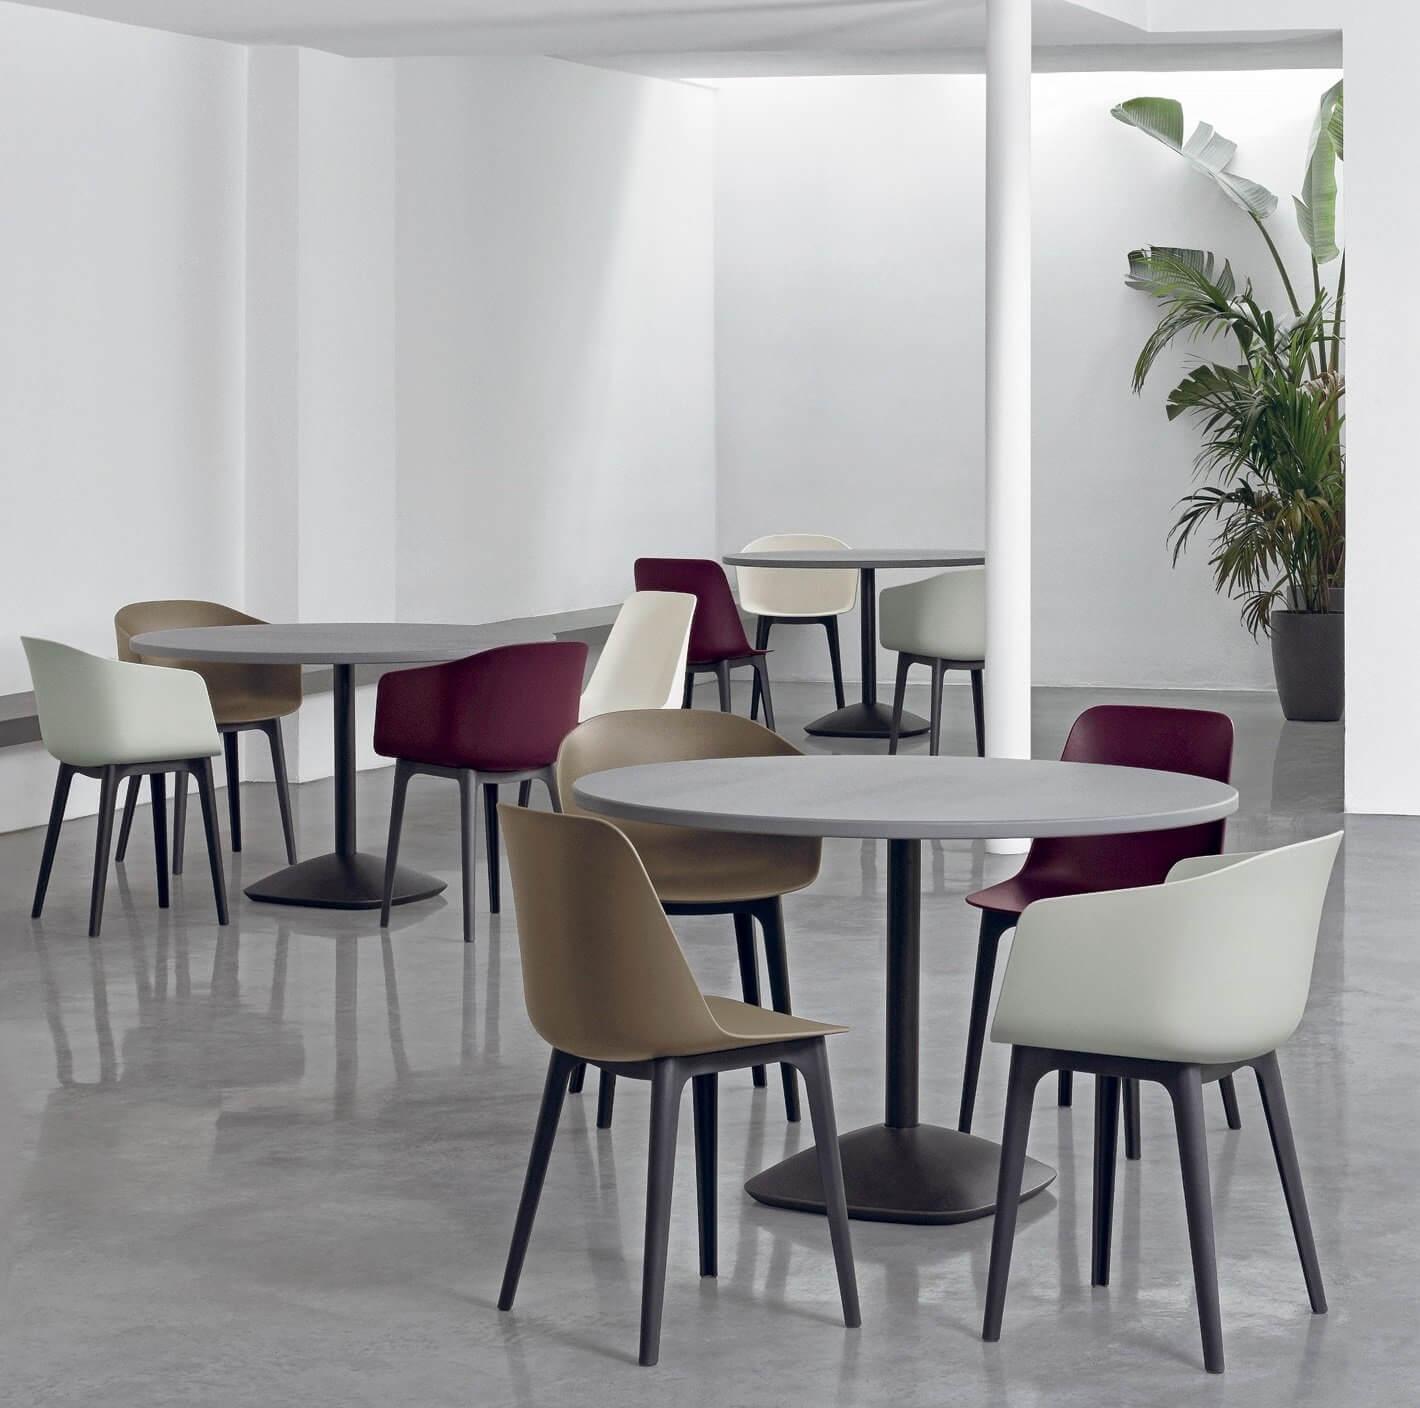 Chaise de cafétéria design éco-conçue